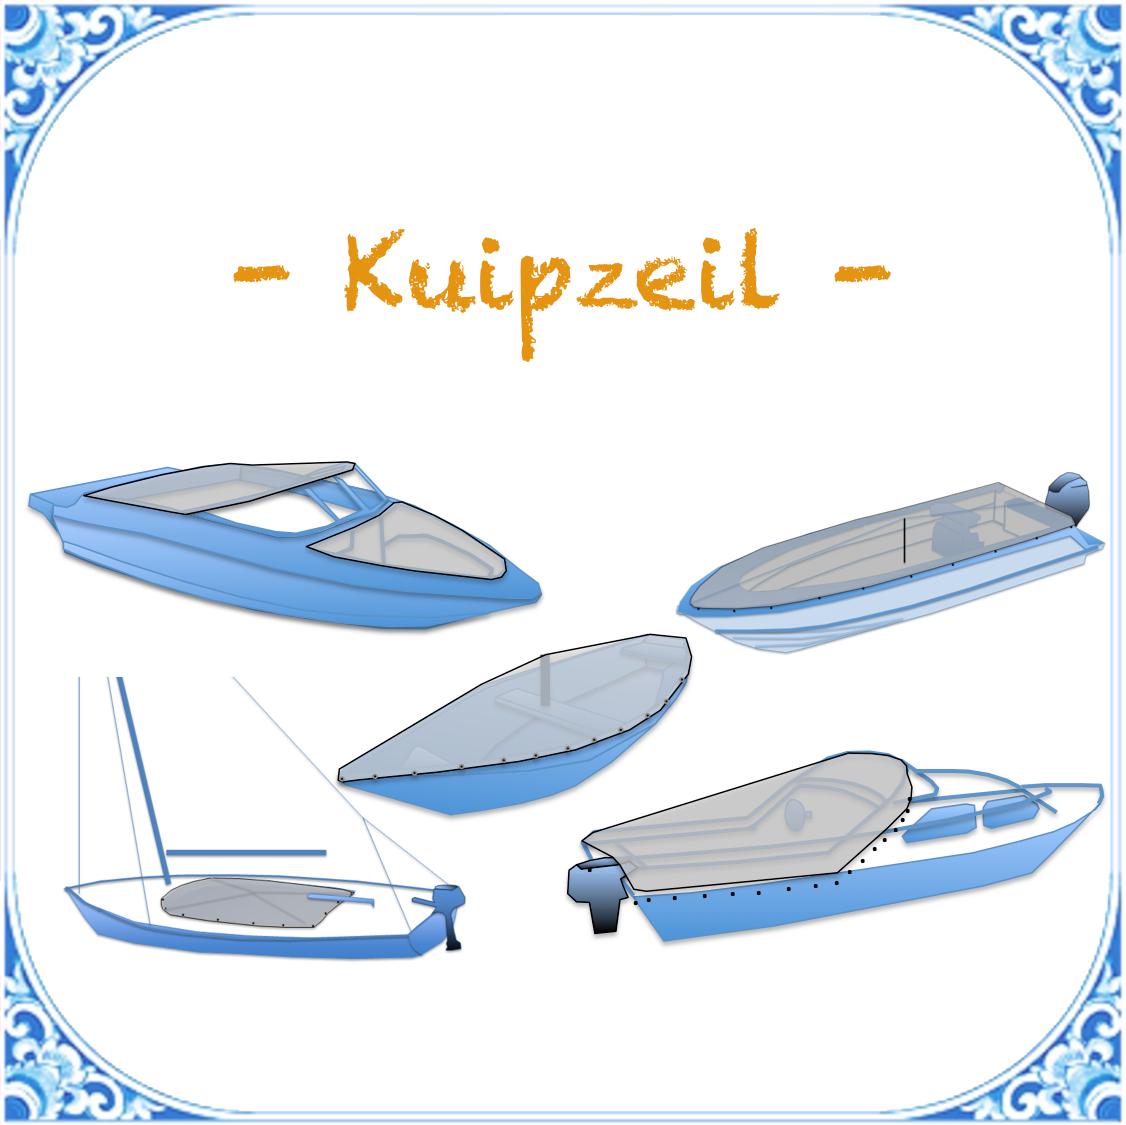 kuipzeil open boot zeilboot speedboot open bow